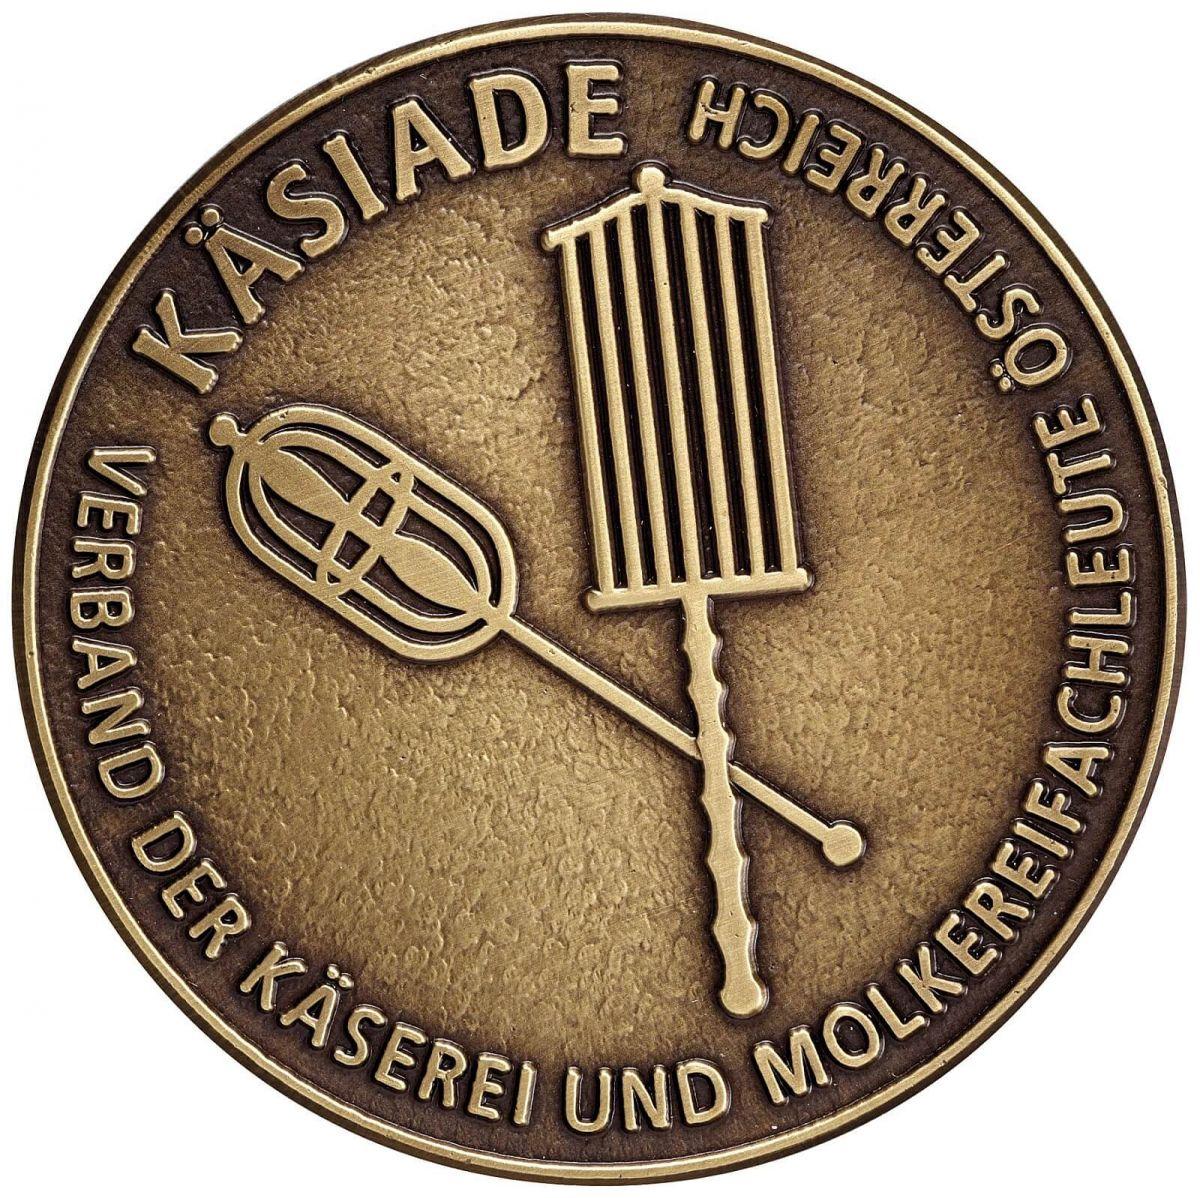 Kaesiade 2013